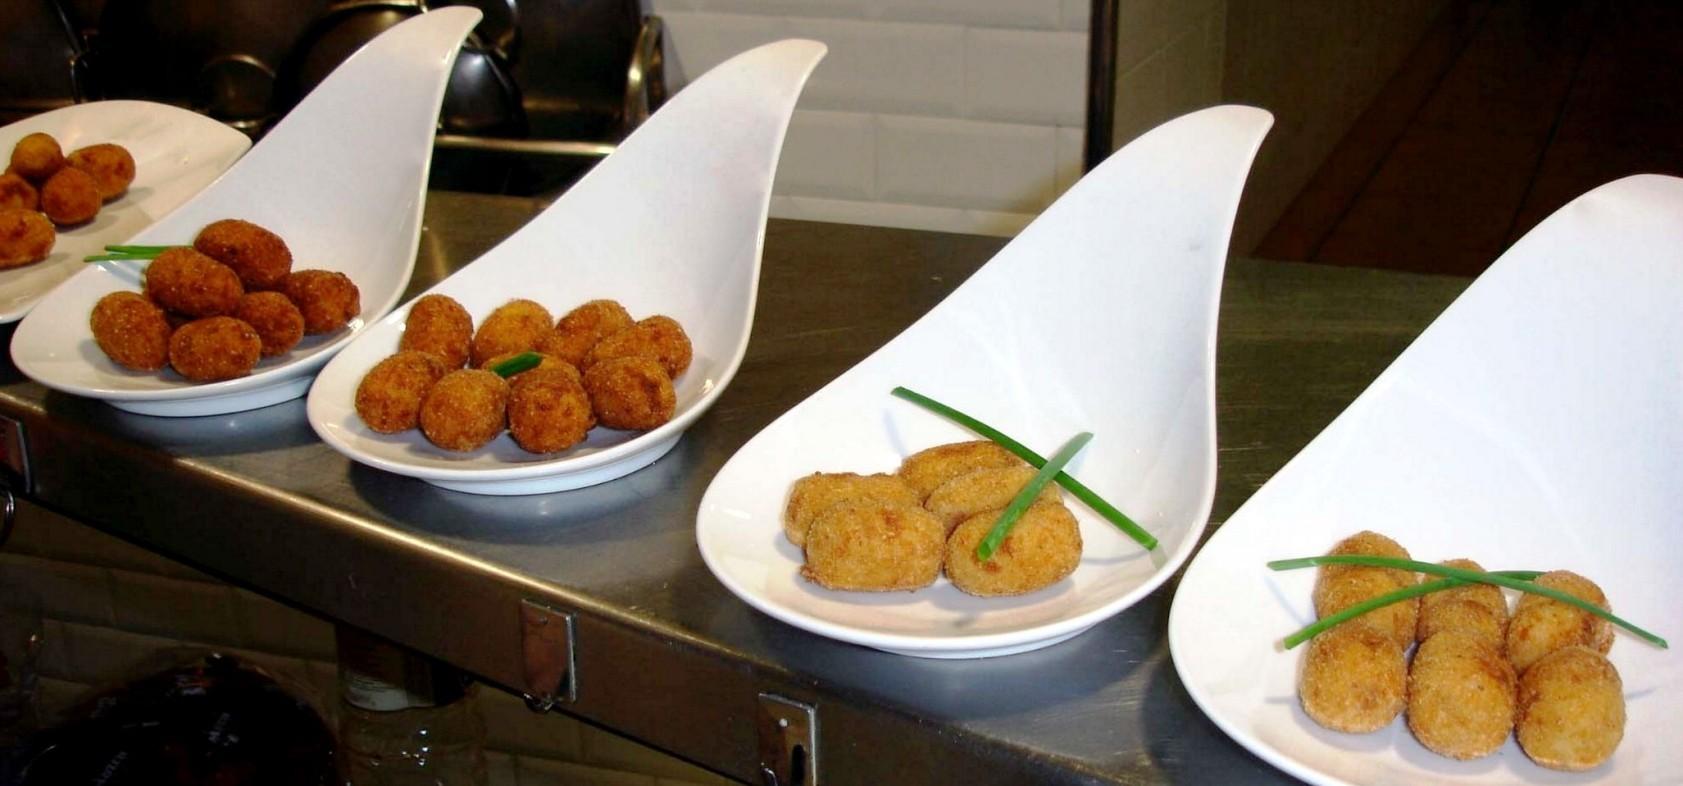 Les meilleures places où manger des croquetas à Madrid